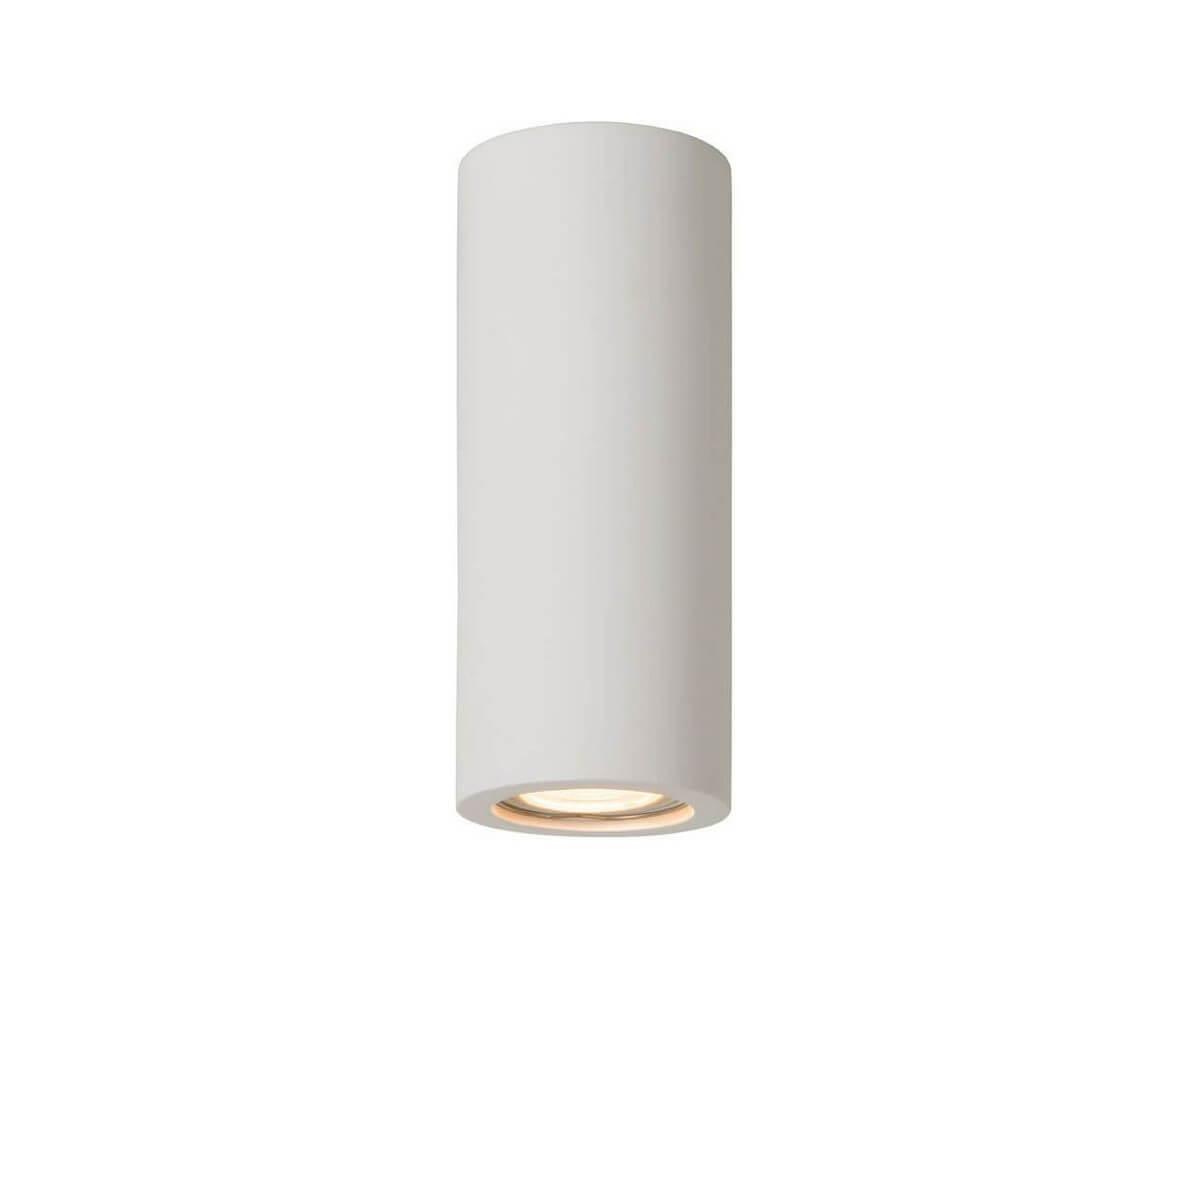 Потолочный светильник Lucide Gipsy 35100/17/31 потолочный светильник lucide gipsy 35100 17 31